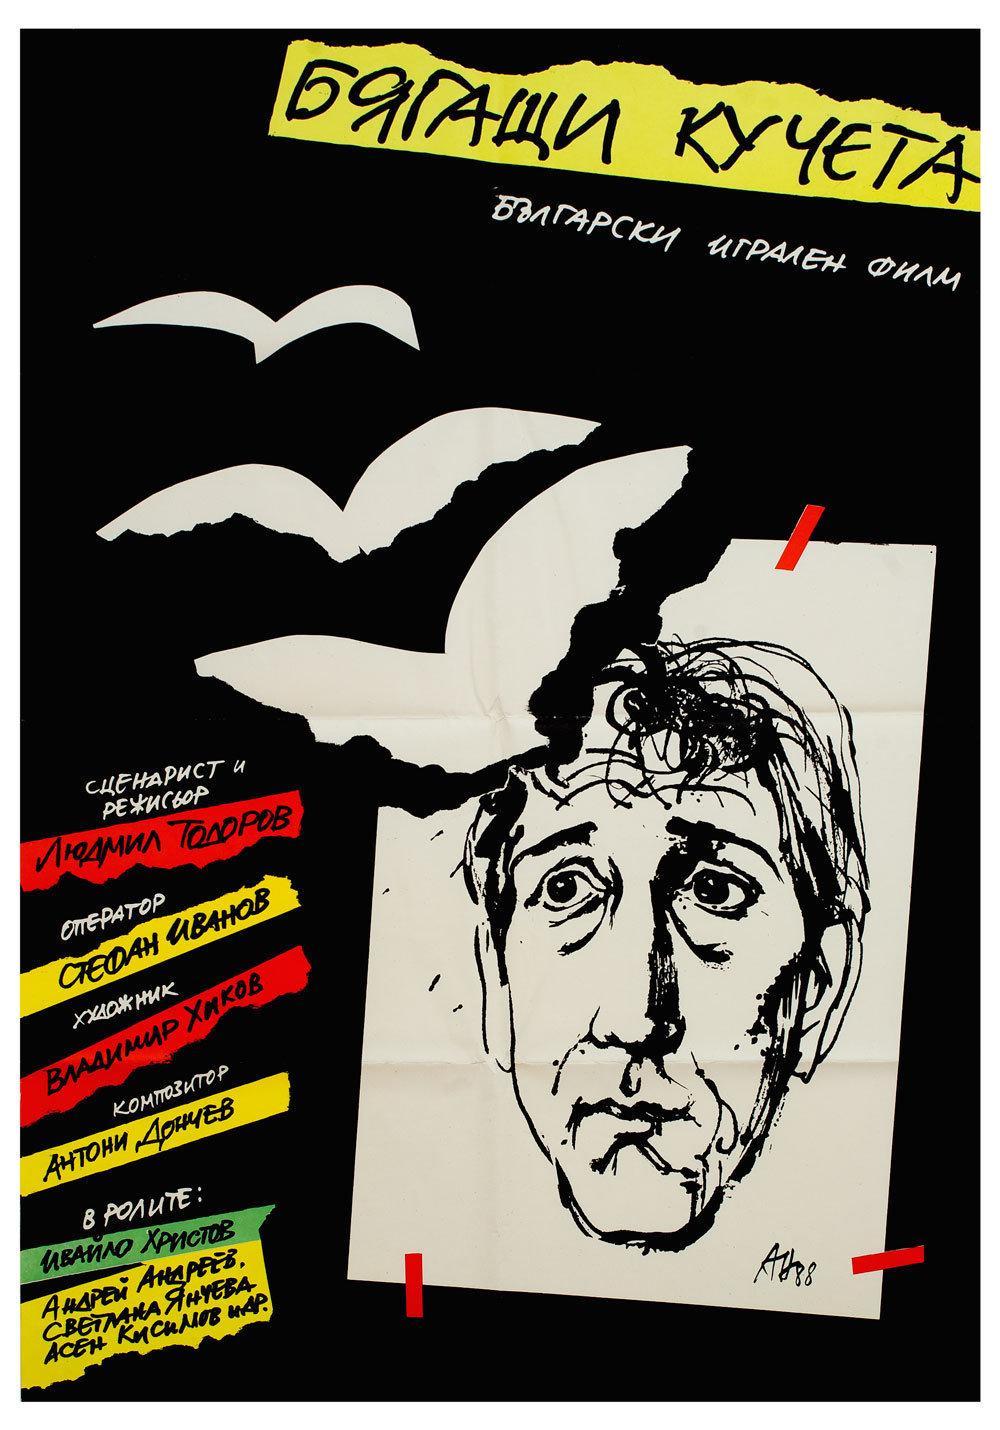 Byagashti Kucheta 1989